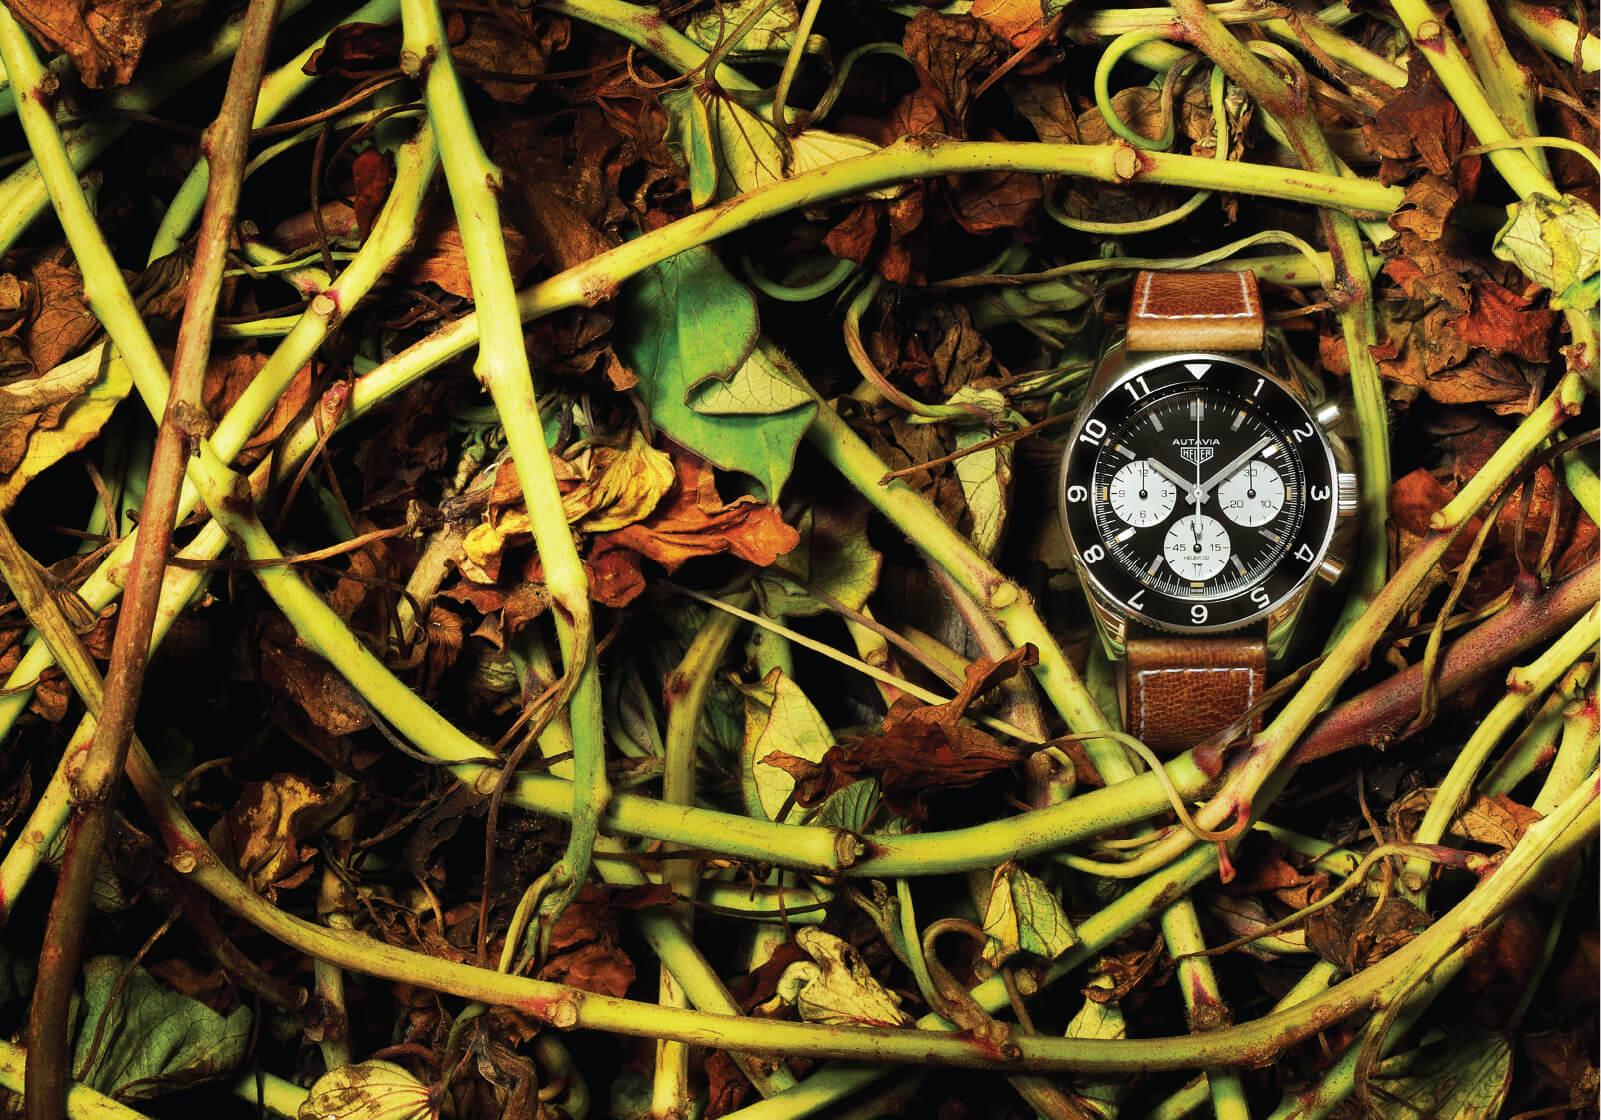 TAG Heuer Heuer Heritage Cronógrafo Calibre Heuer 02 Ref. CBE2110.FC8226   Ø 42 mm sobre fundo de arbustos e folhas   © Paulo Pires / Espiral do Tempo